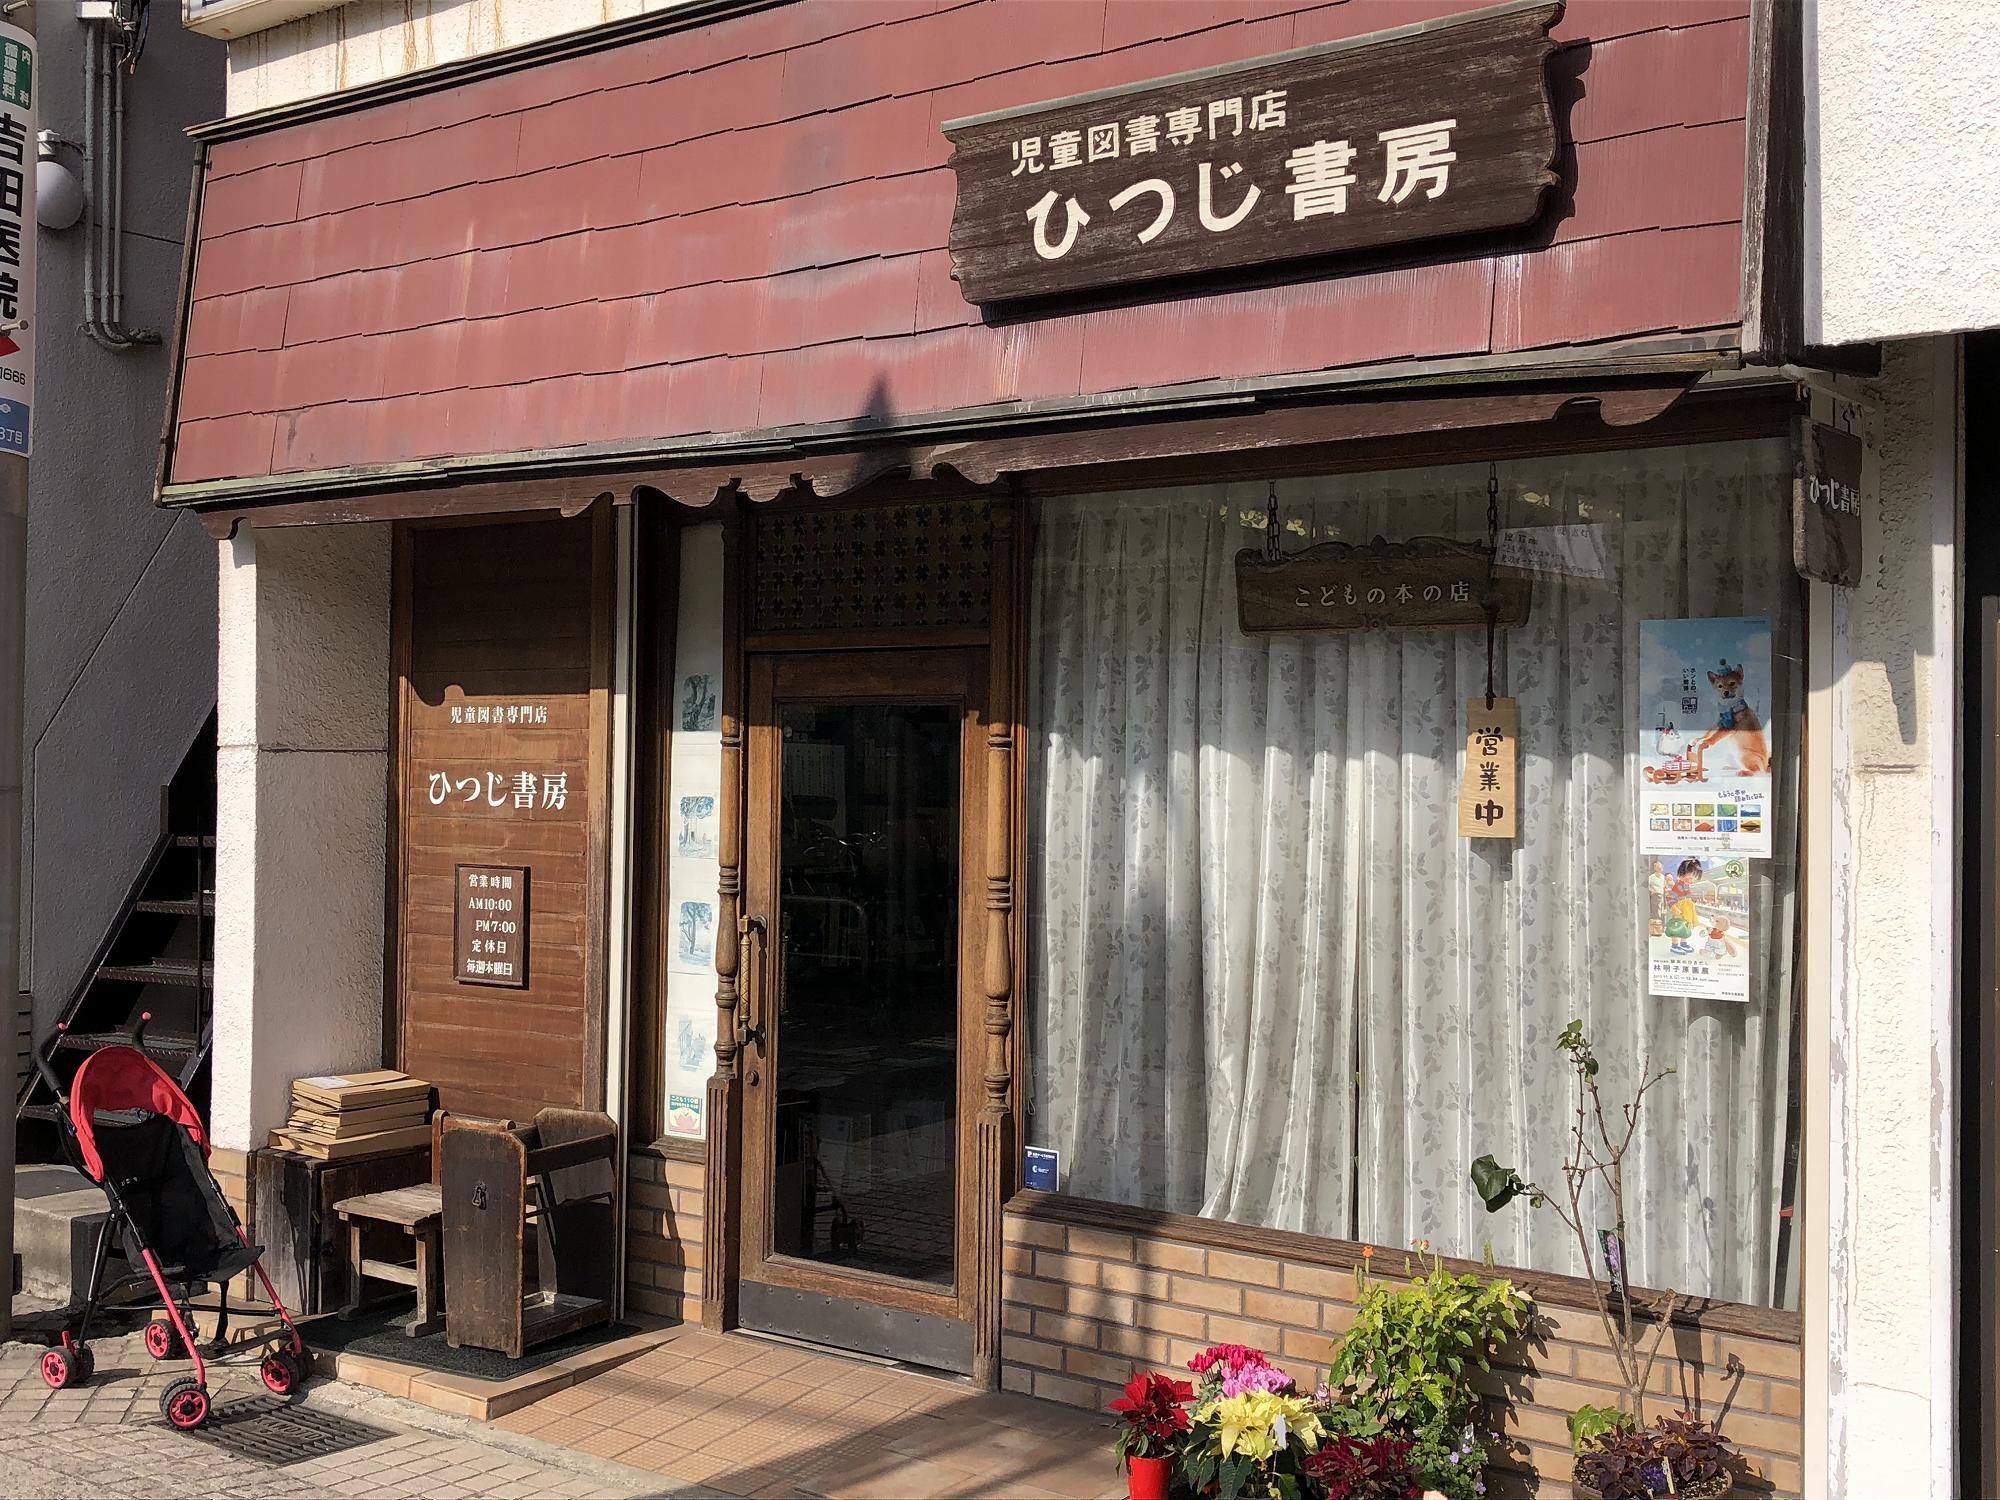 神戸・摂津本山にある児童図書専門店「ひつじ書房」が12/3で閉店するよ #ひつじ書房 #閉店情報